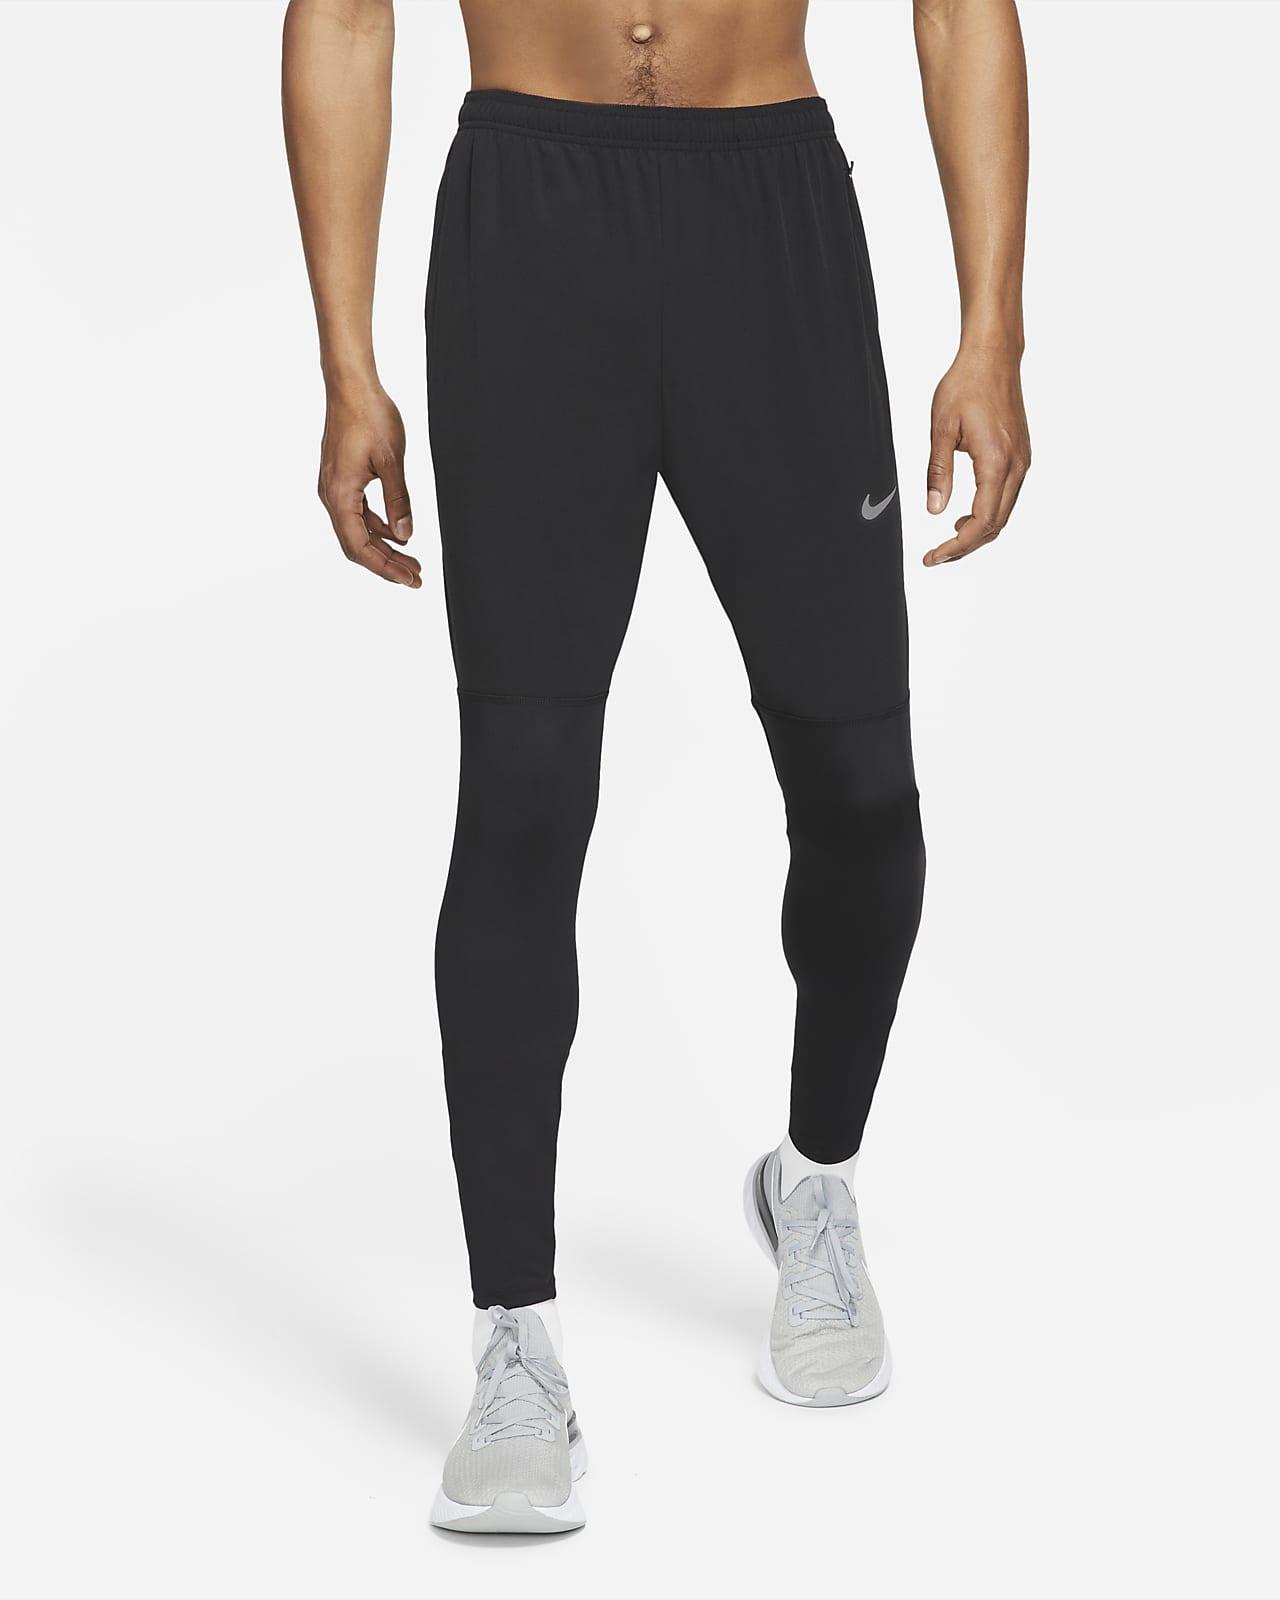 Pánské tkané hybridní běžecké kalhoty Nike Dri-FIT UV Challenger